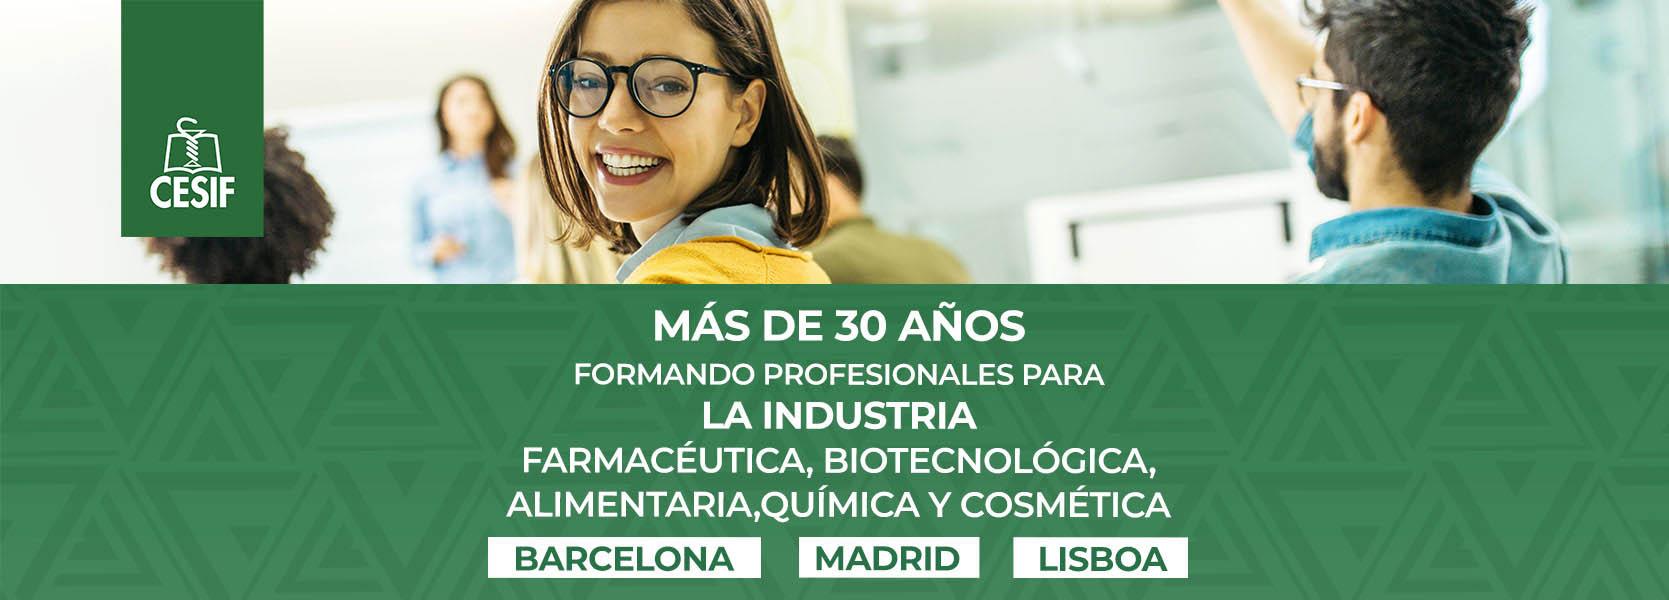 CESIF online - Centro de Estudios Superiores de la Industria Farmacéutica